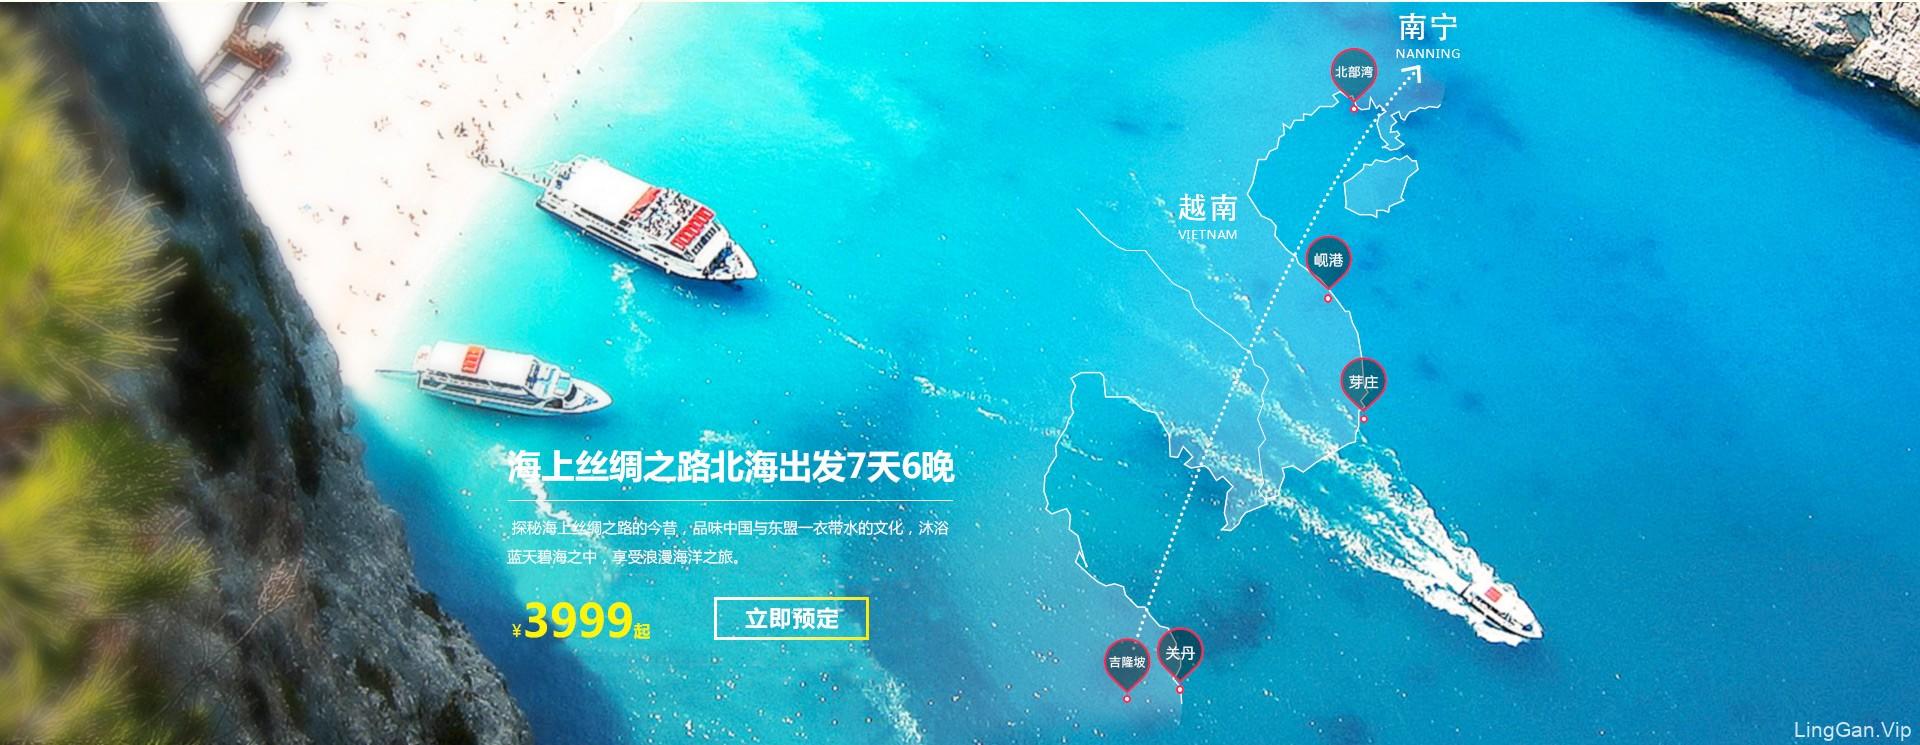 3张1920px蓝色风格旅游网站超大海报banner设计欣赏